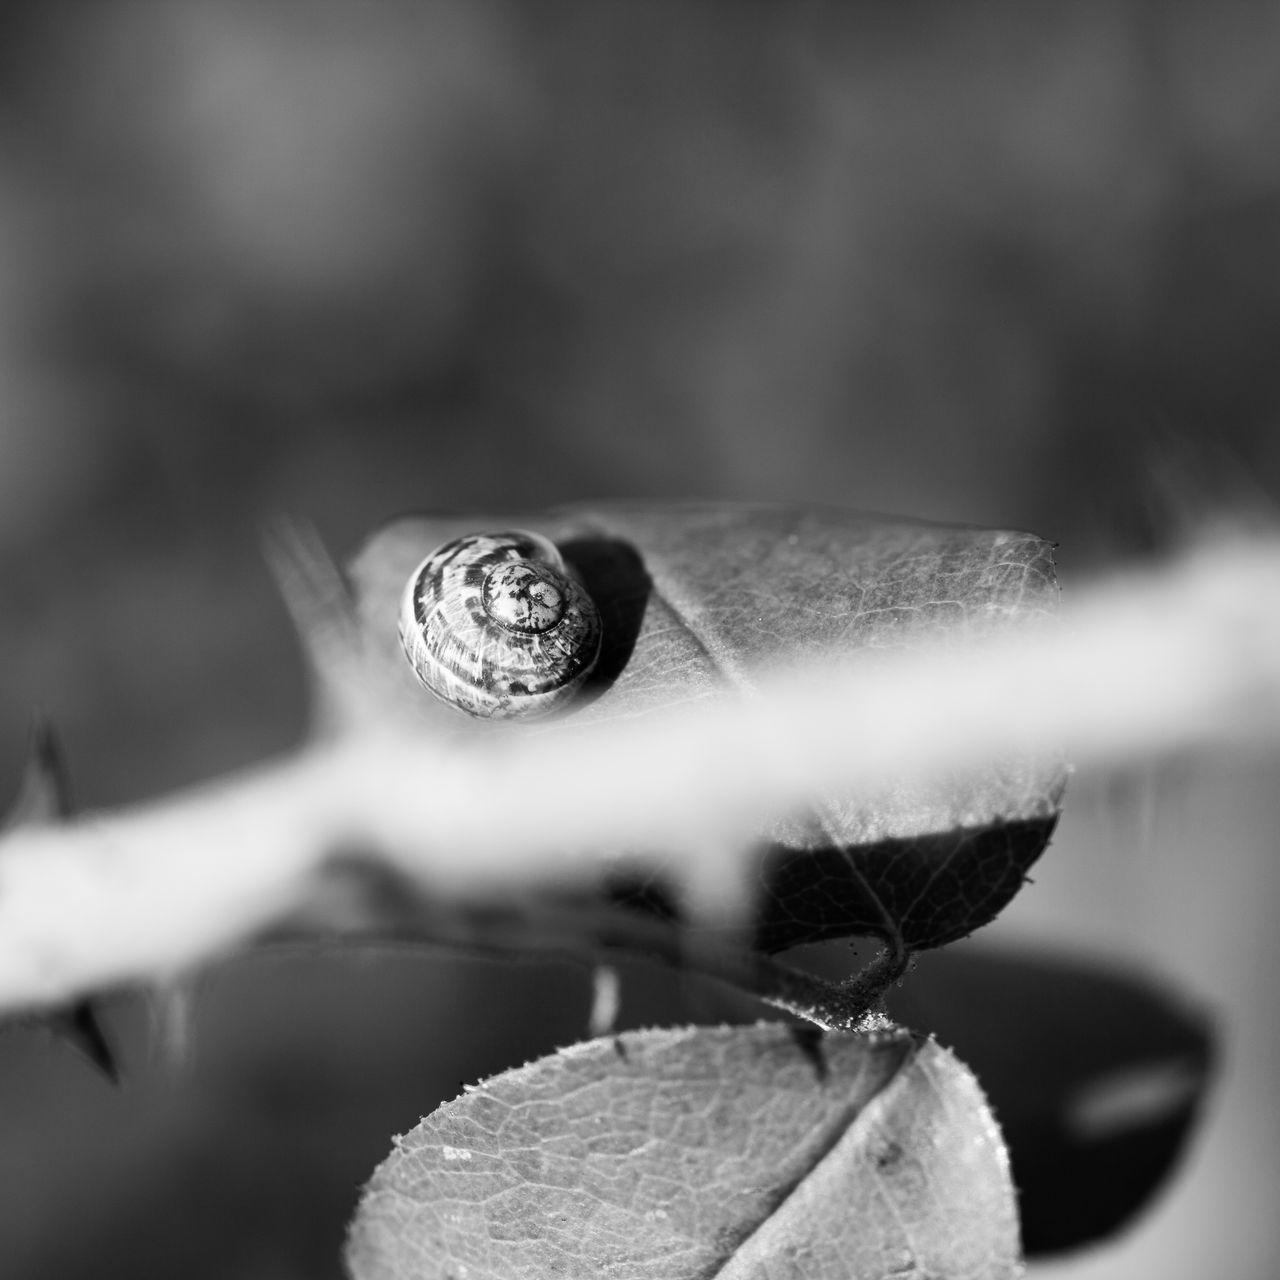 Escargot Fleur Flower Flowers Insect Insect Photography Insecte Nature Nature Photography Plant Plante Snail Snails Snail🐌